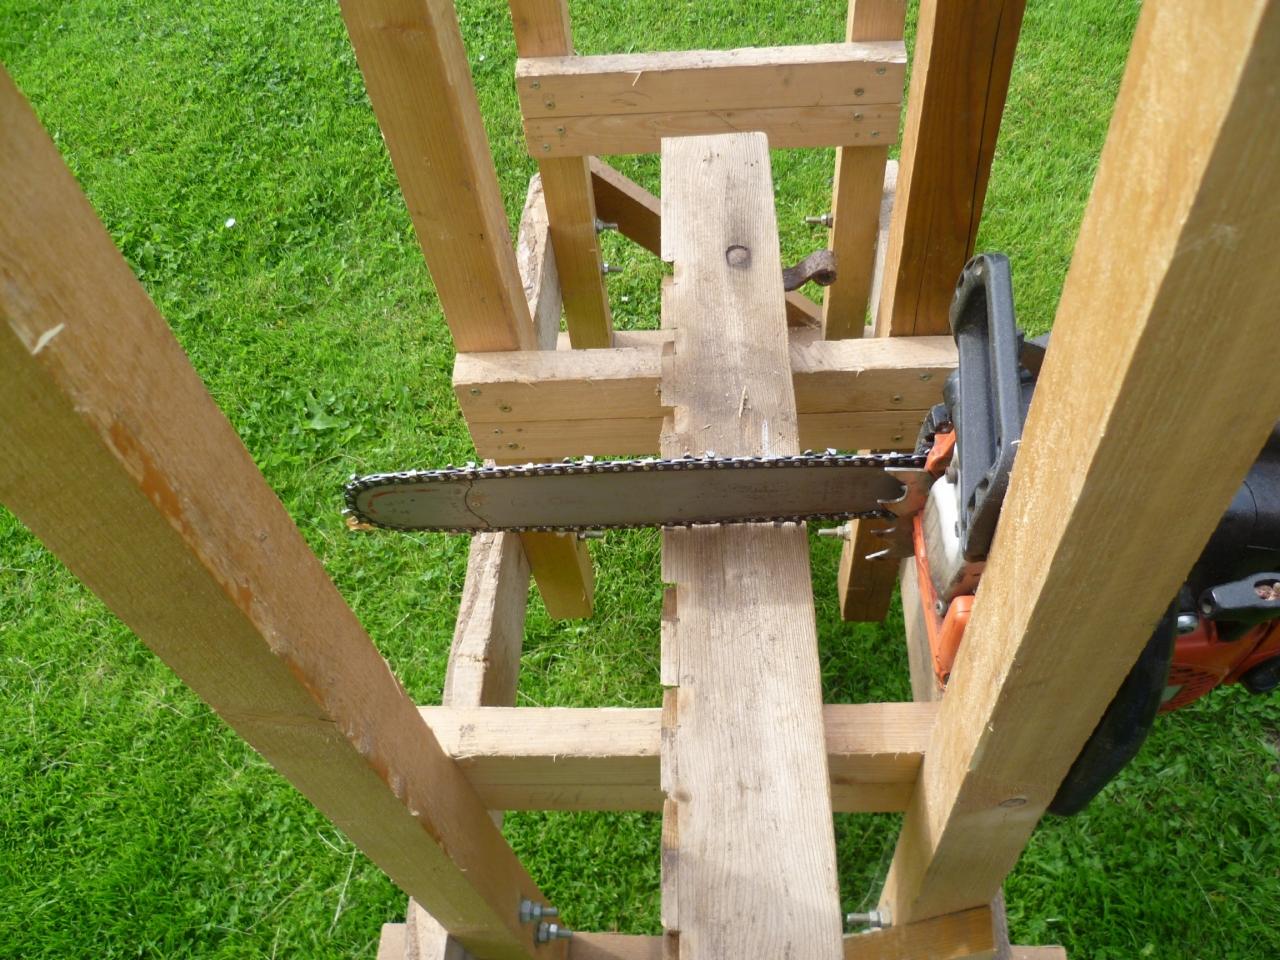 holzsägebock - bauanleitung zum selberbauen - 1-2-do - deine